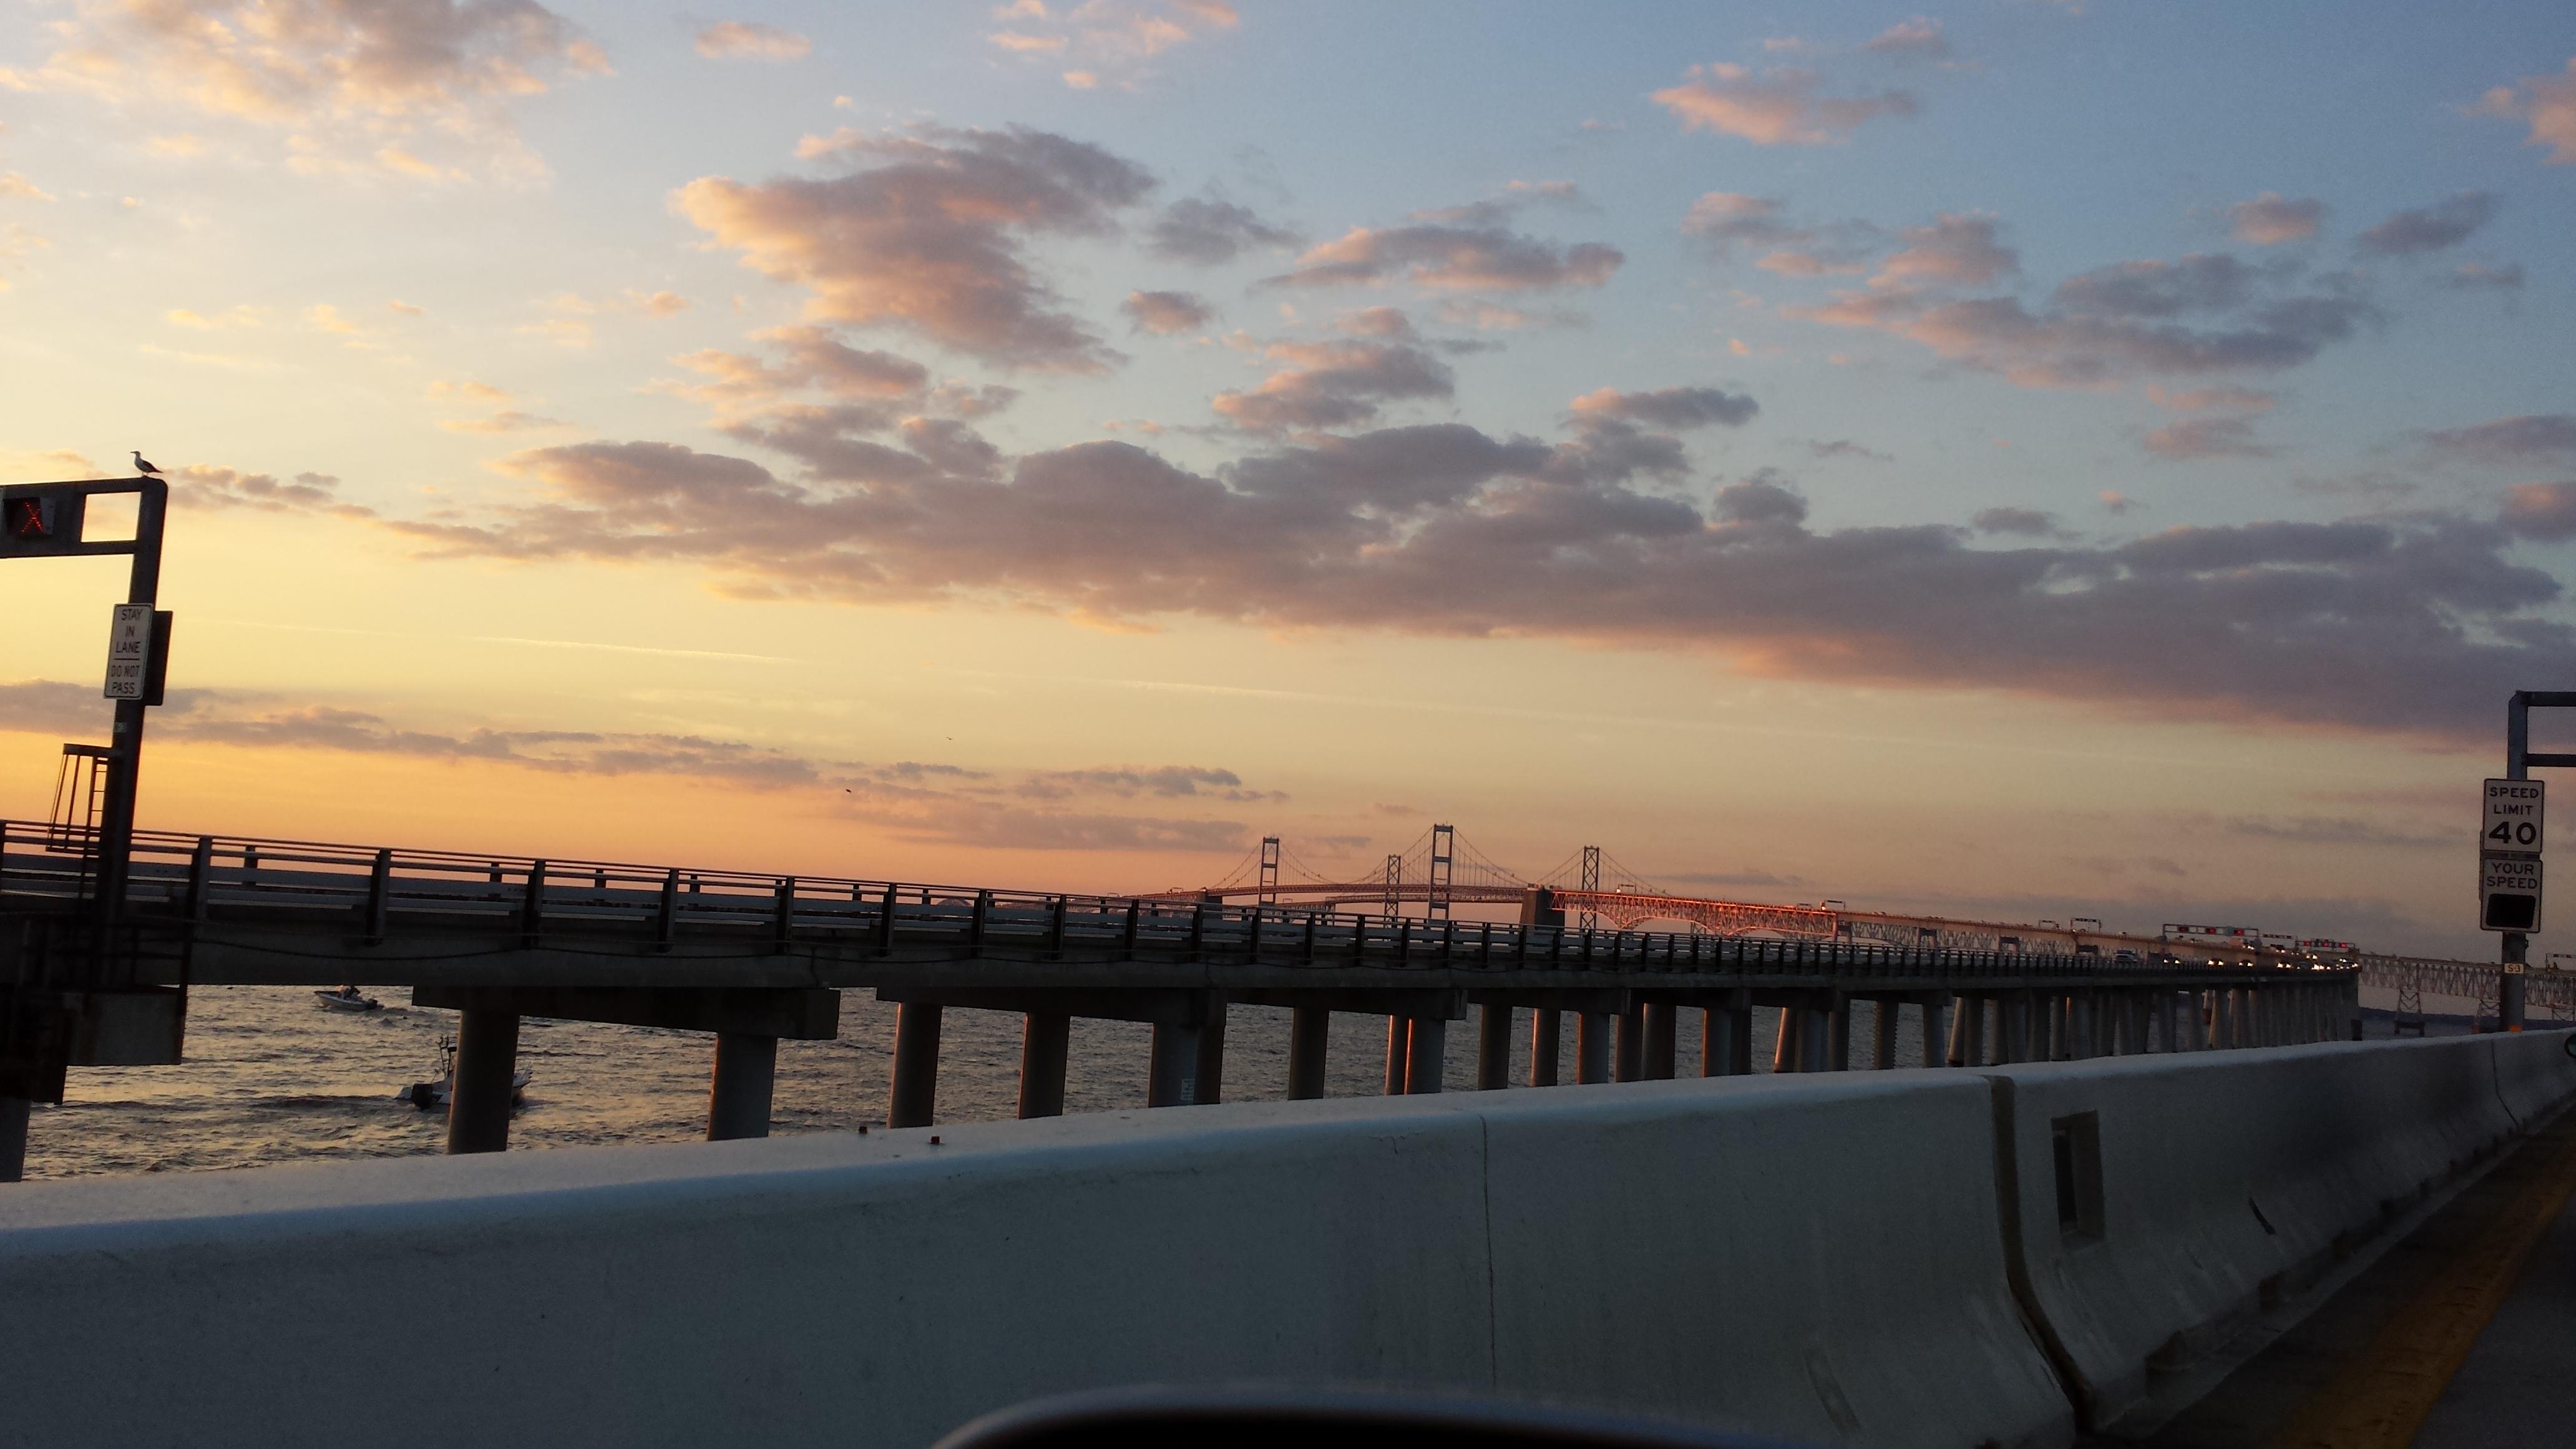 Beach bound? Extreme weather could restrict Chesapeake Bay Bridge traffic